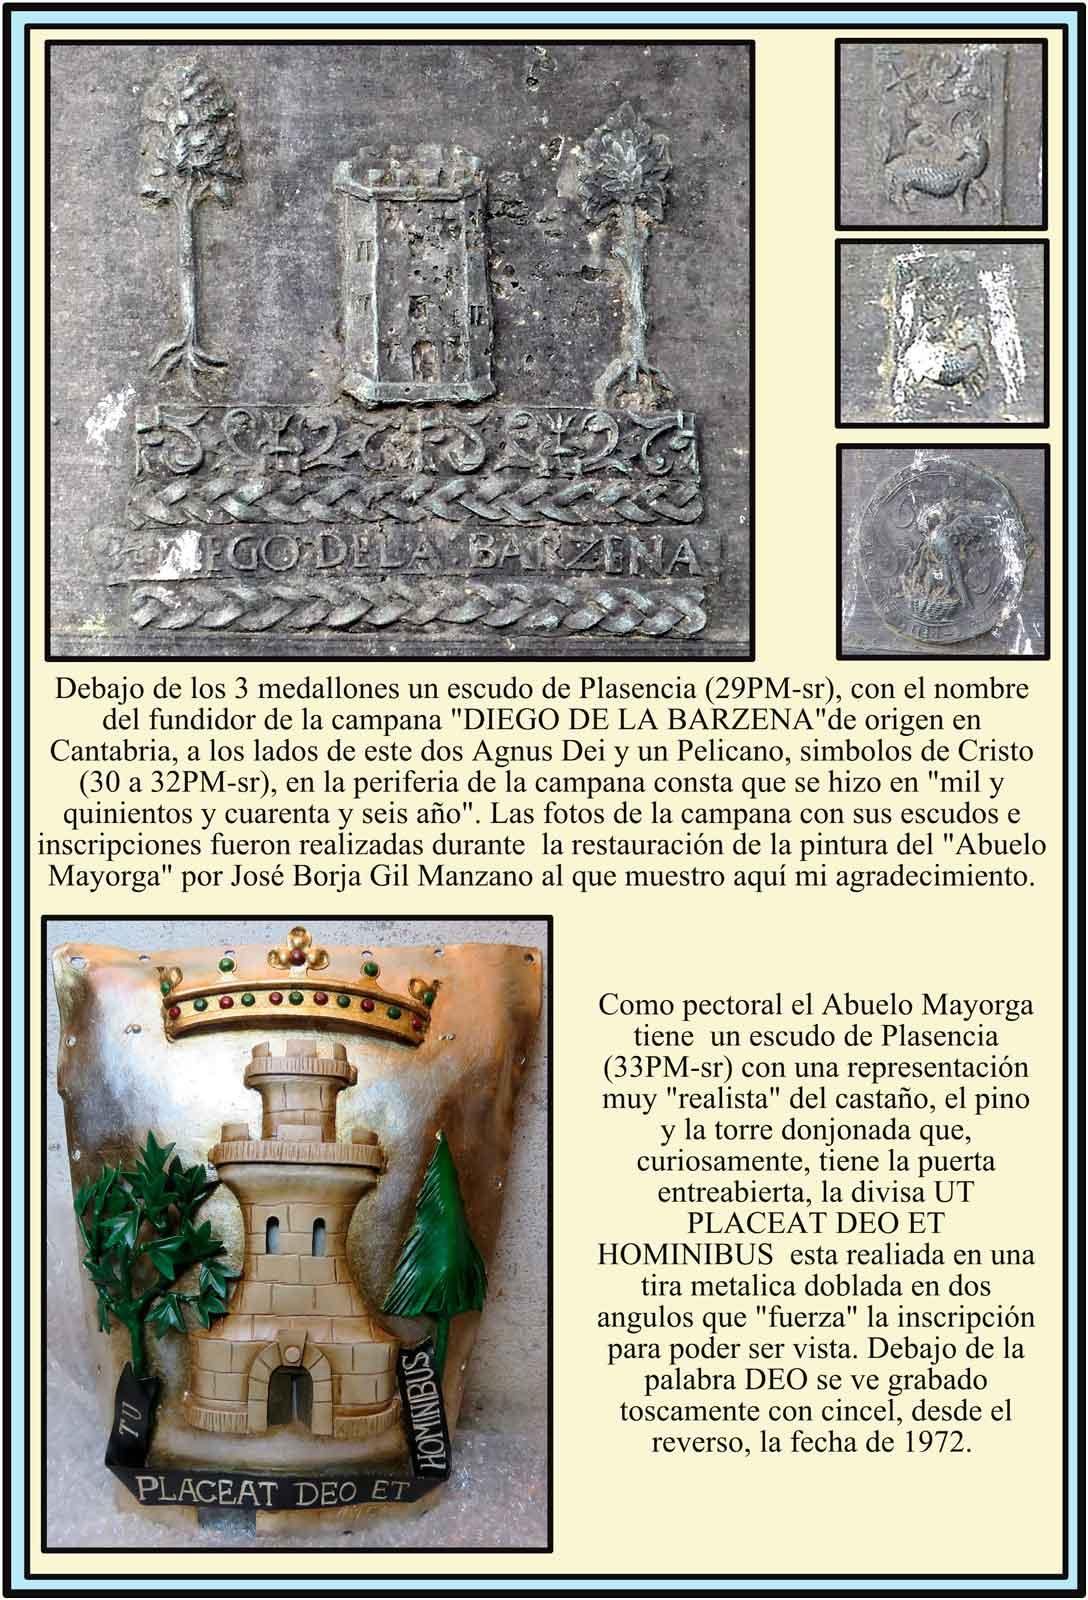 Escudos en la campana del Ayuntamiento y en el Pectoral del Abuelo Mayorga